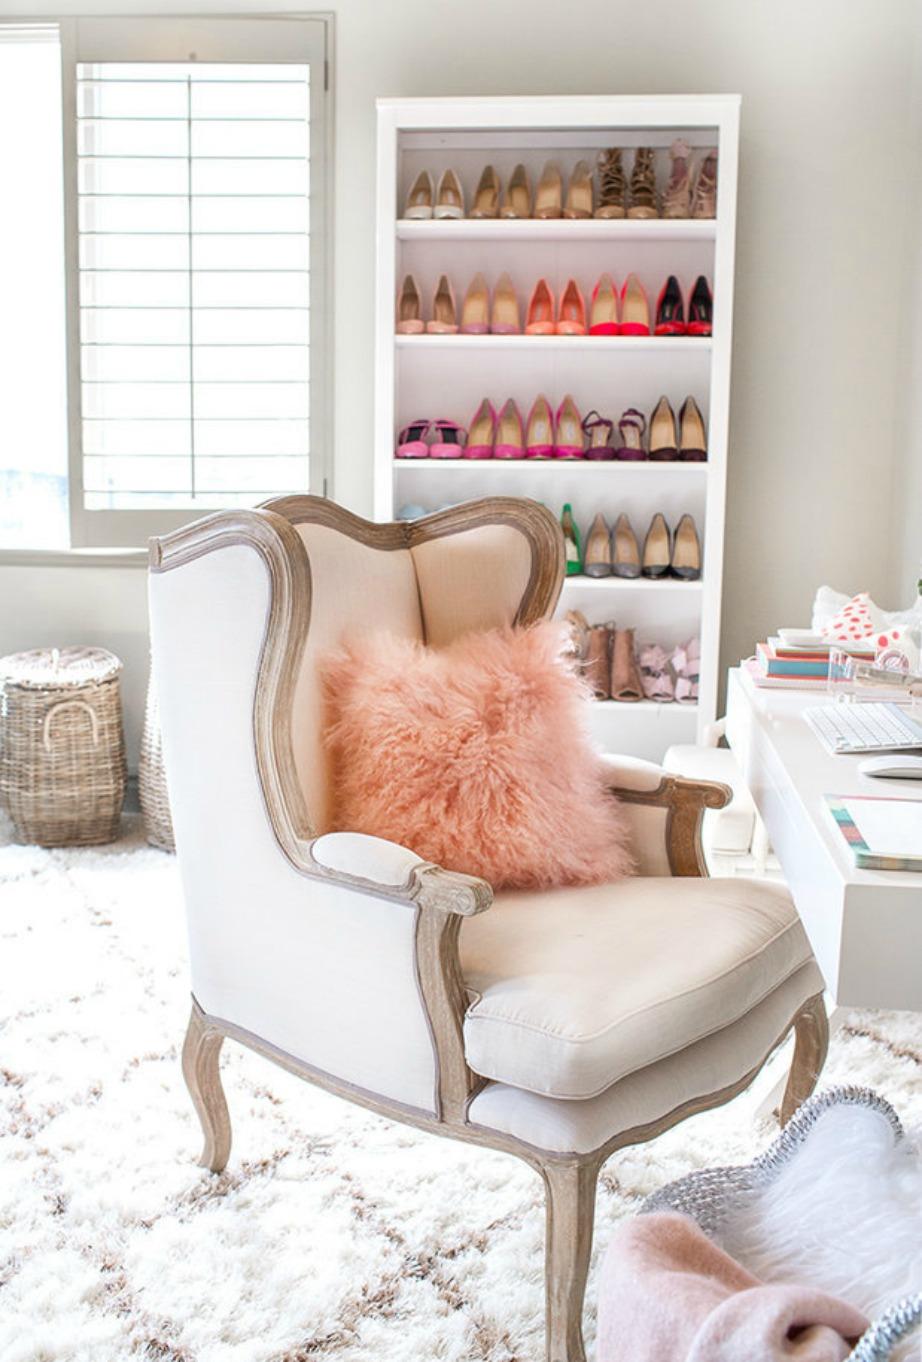 Το γραφείο είναι σε λευκό χρώμα και μπροστά ακριβώς η Christine έχει τοποθετήσει μια πανέμορφη πολυθρόνα.